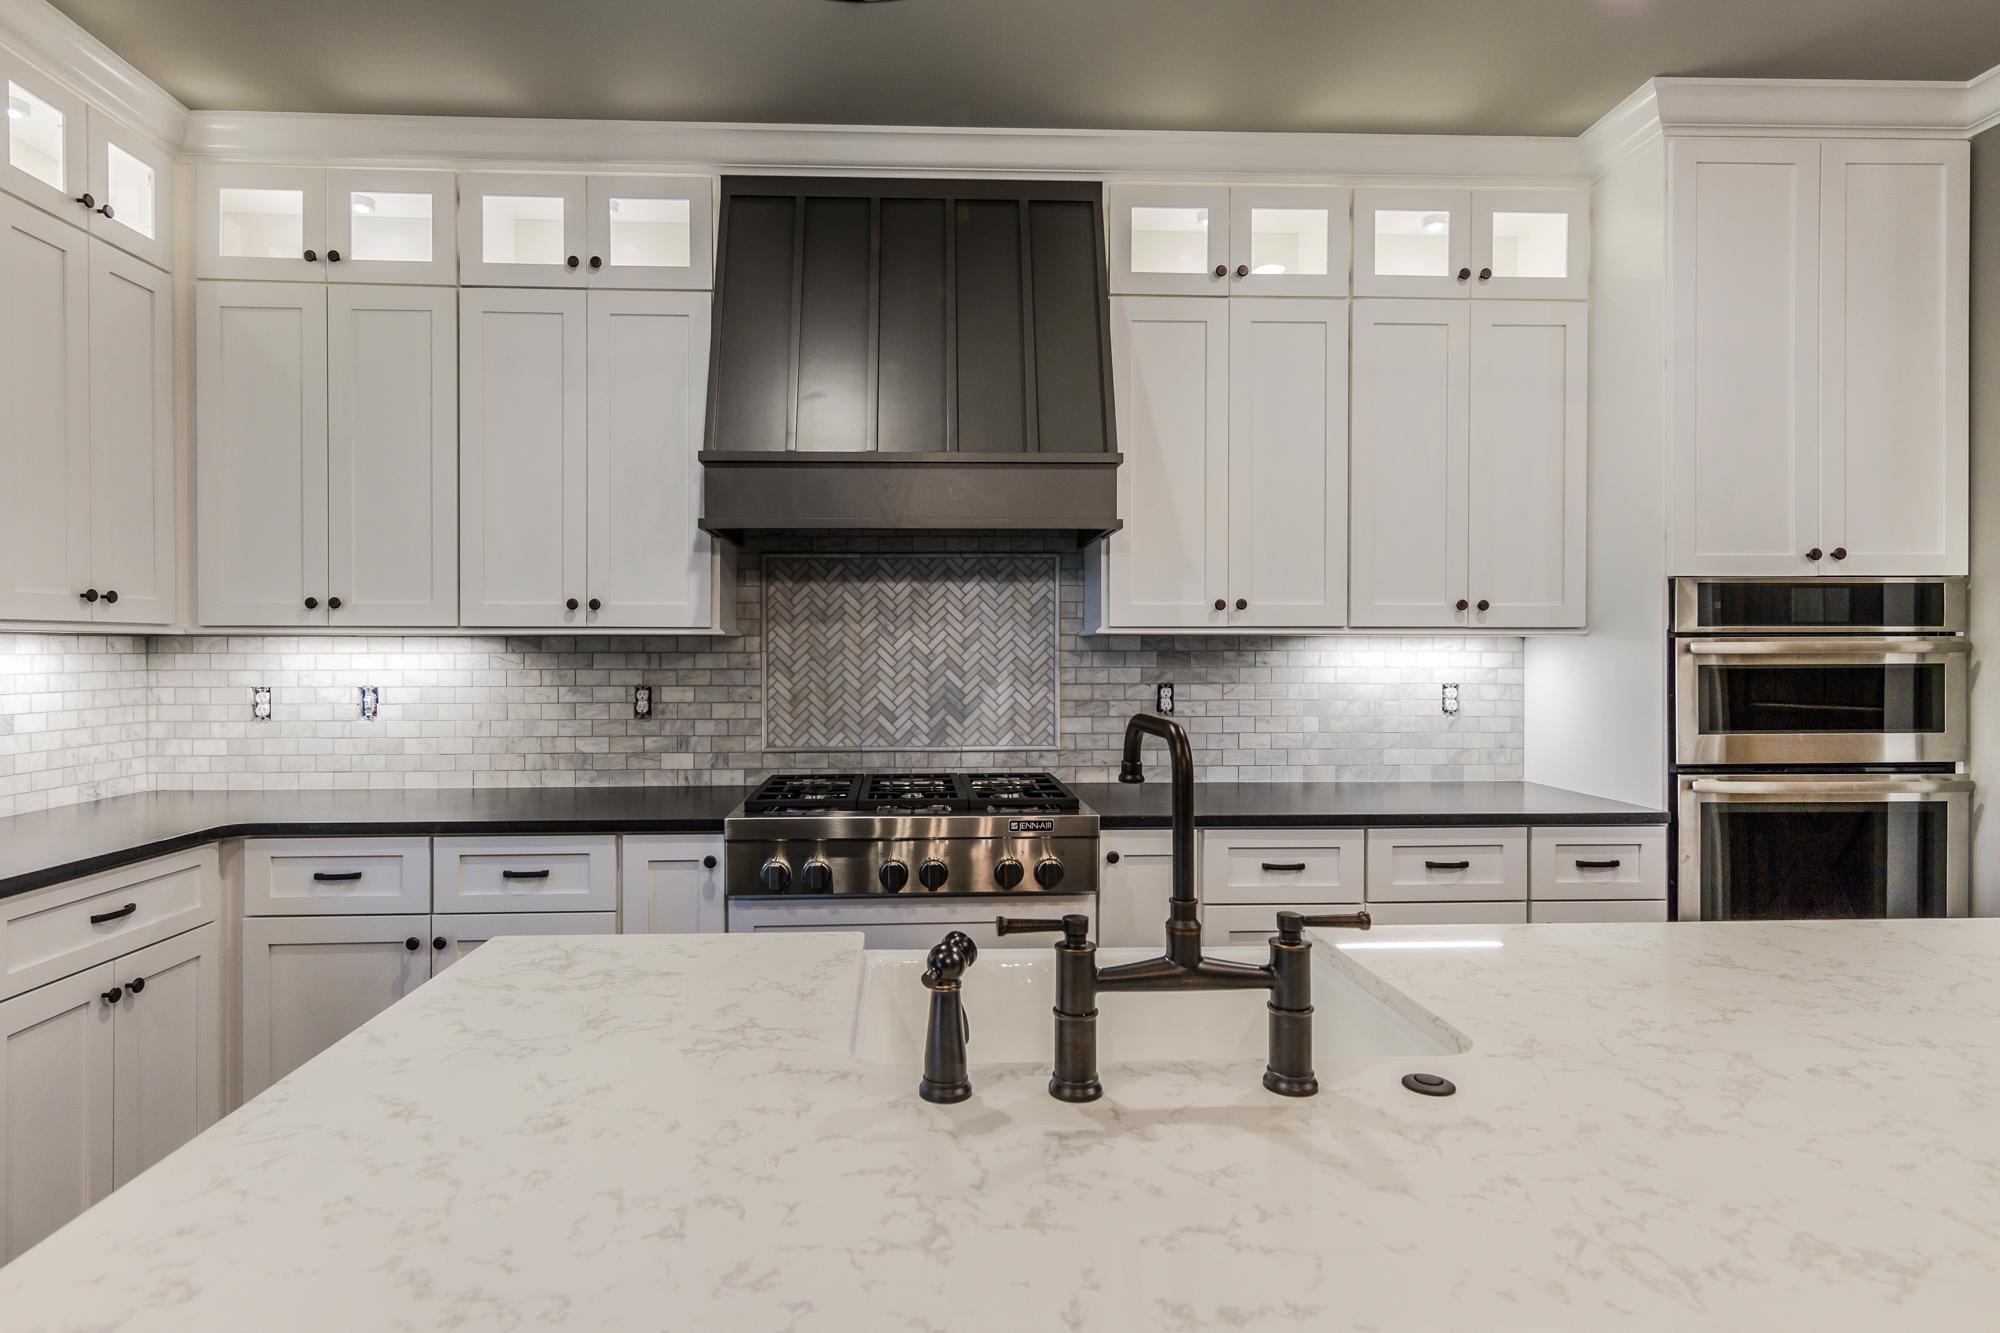 2-Scott-AFB-Real-Estate-For-Sale-O'Fallon-Illinois-62269-15.jpg